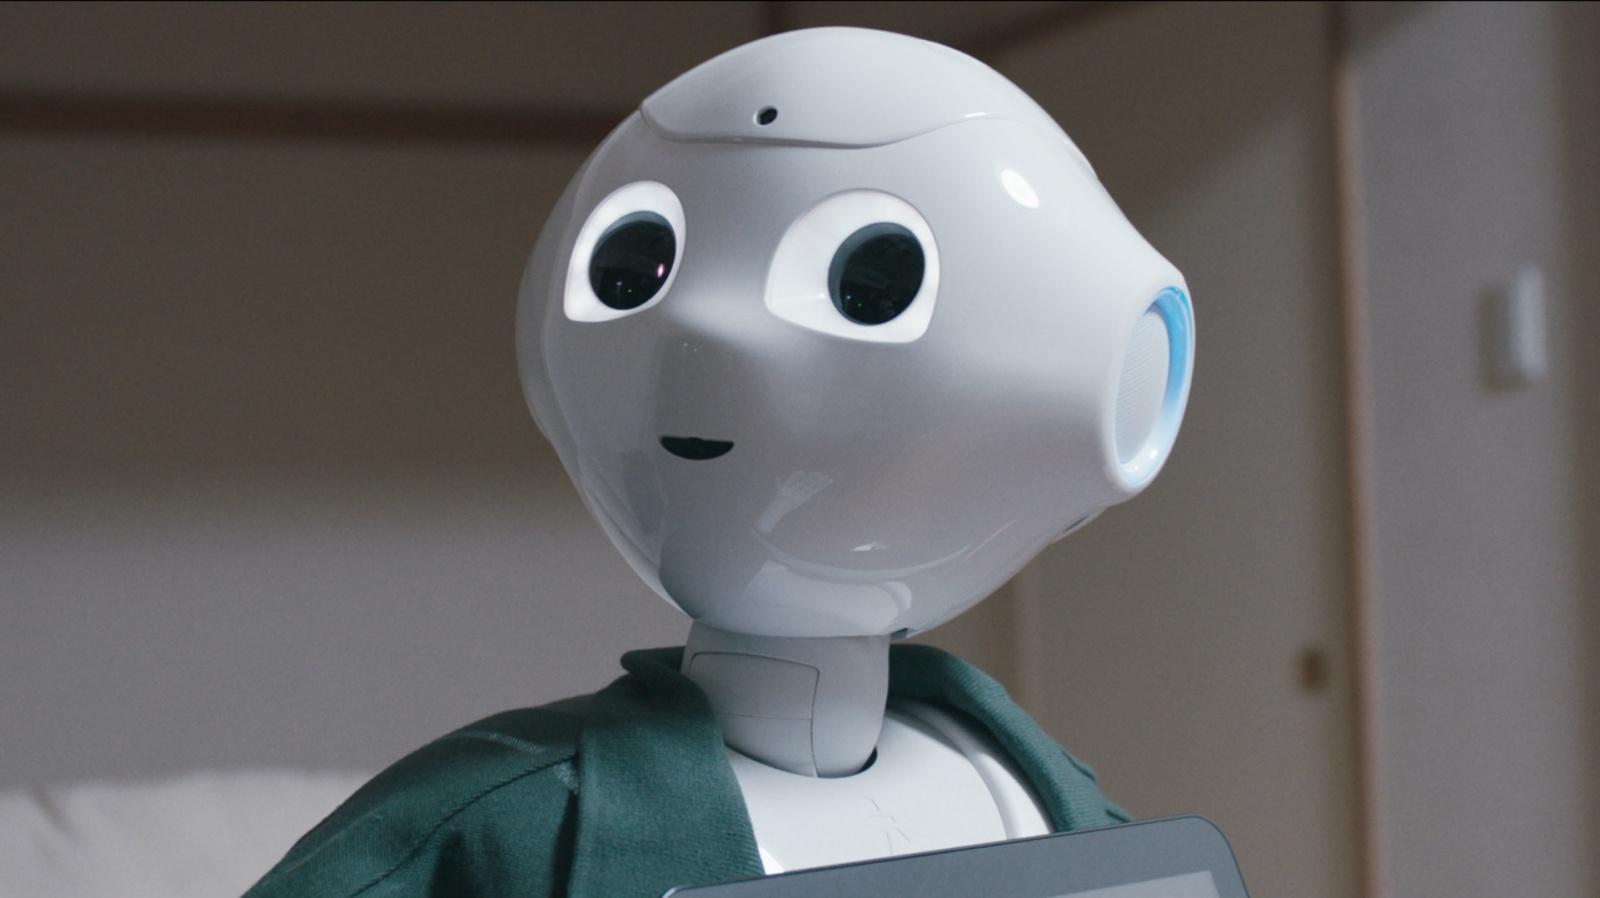 Что такое хорошо, что такое плохо: будет ли совесть у искусственного интеллекта - 1